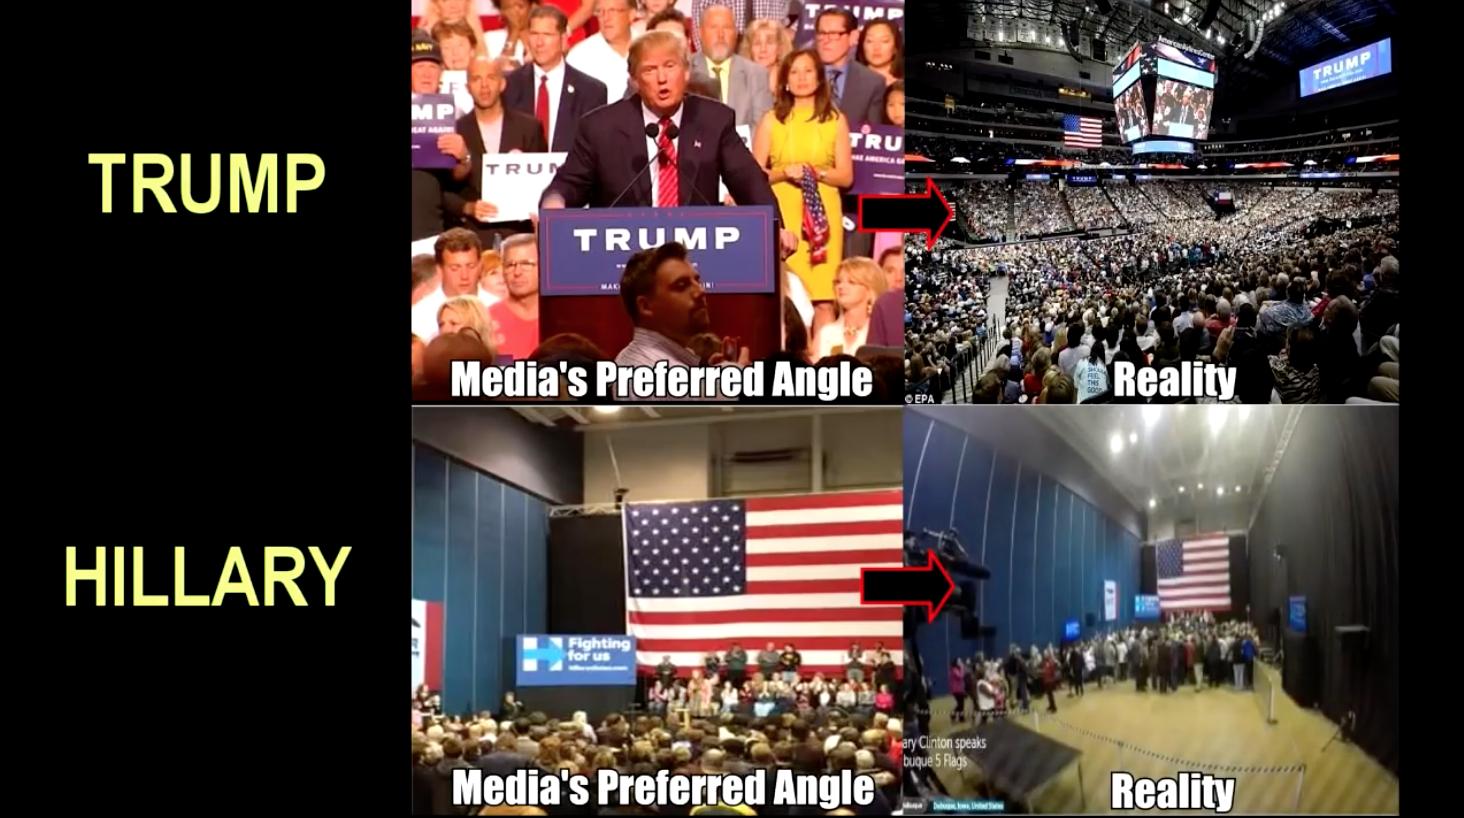 Donald Trump und Hillary Clinton Besucher bei Wahlkampfveranstaltungen 2018 Foto YouTube